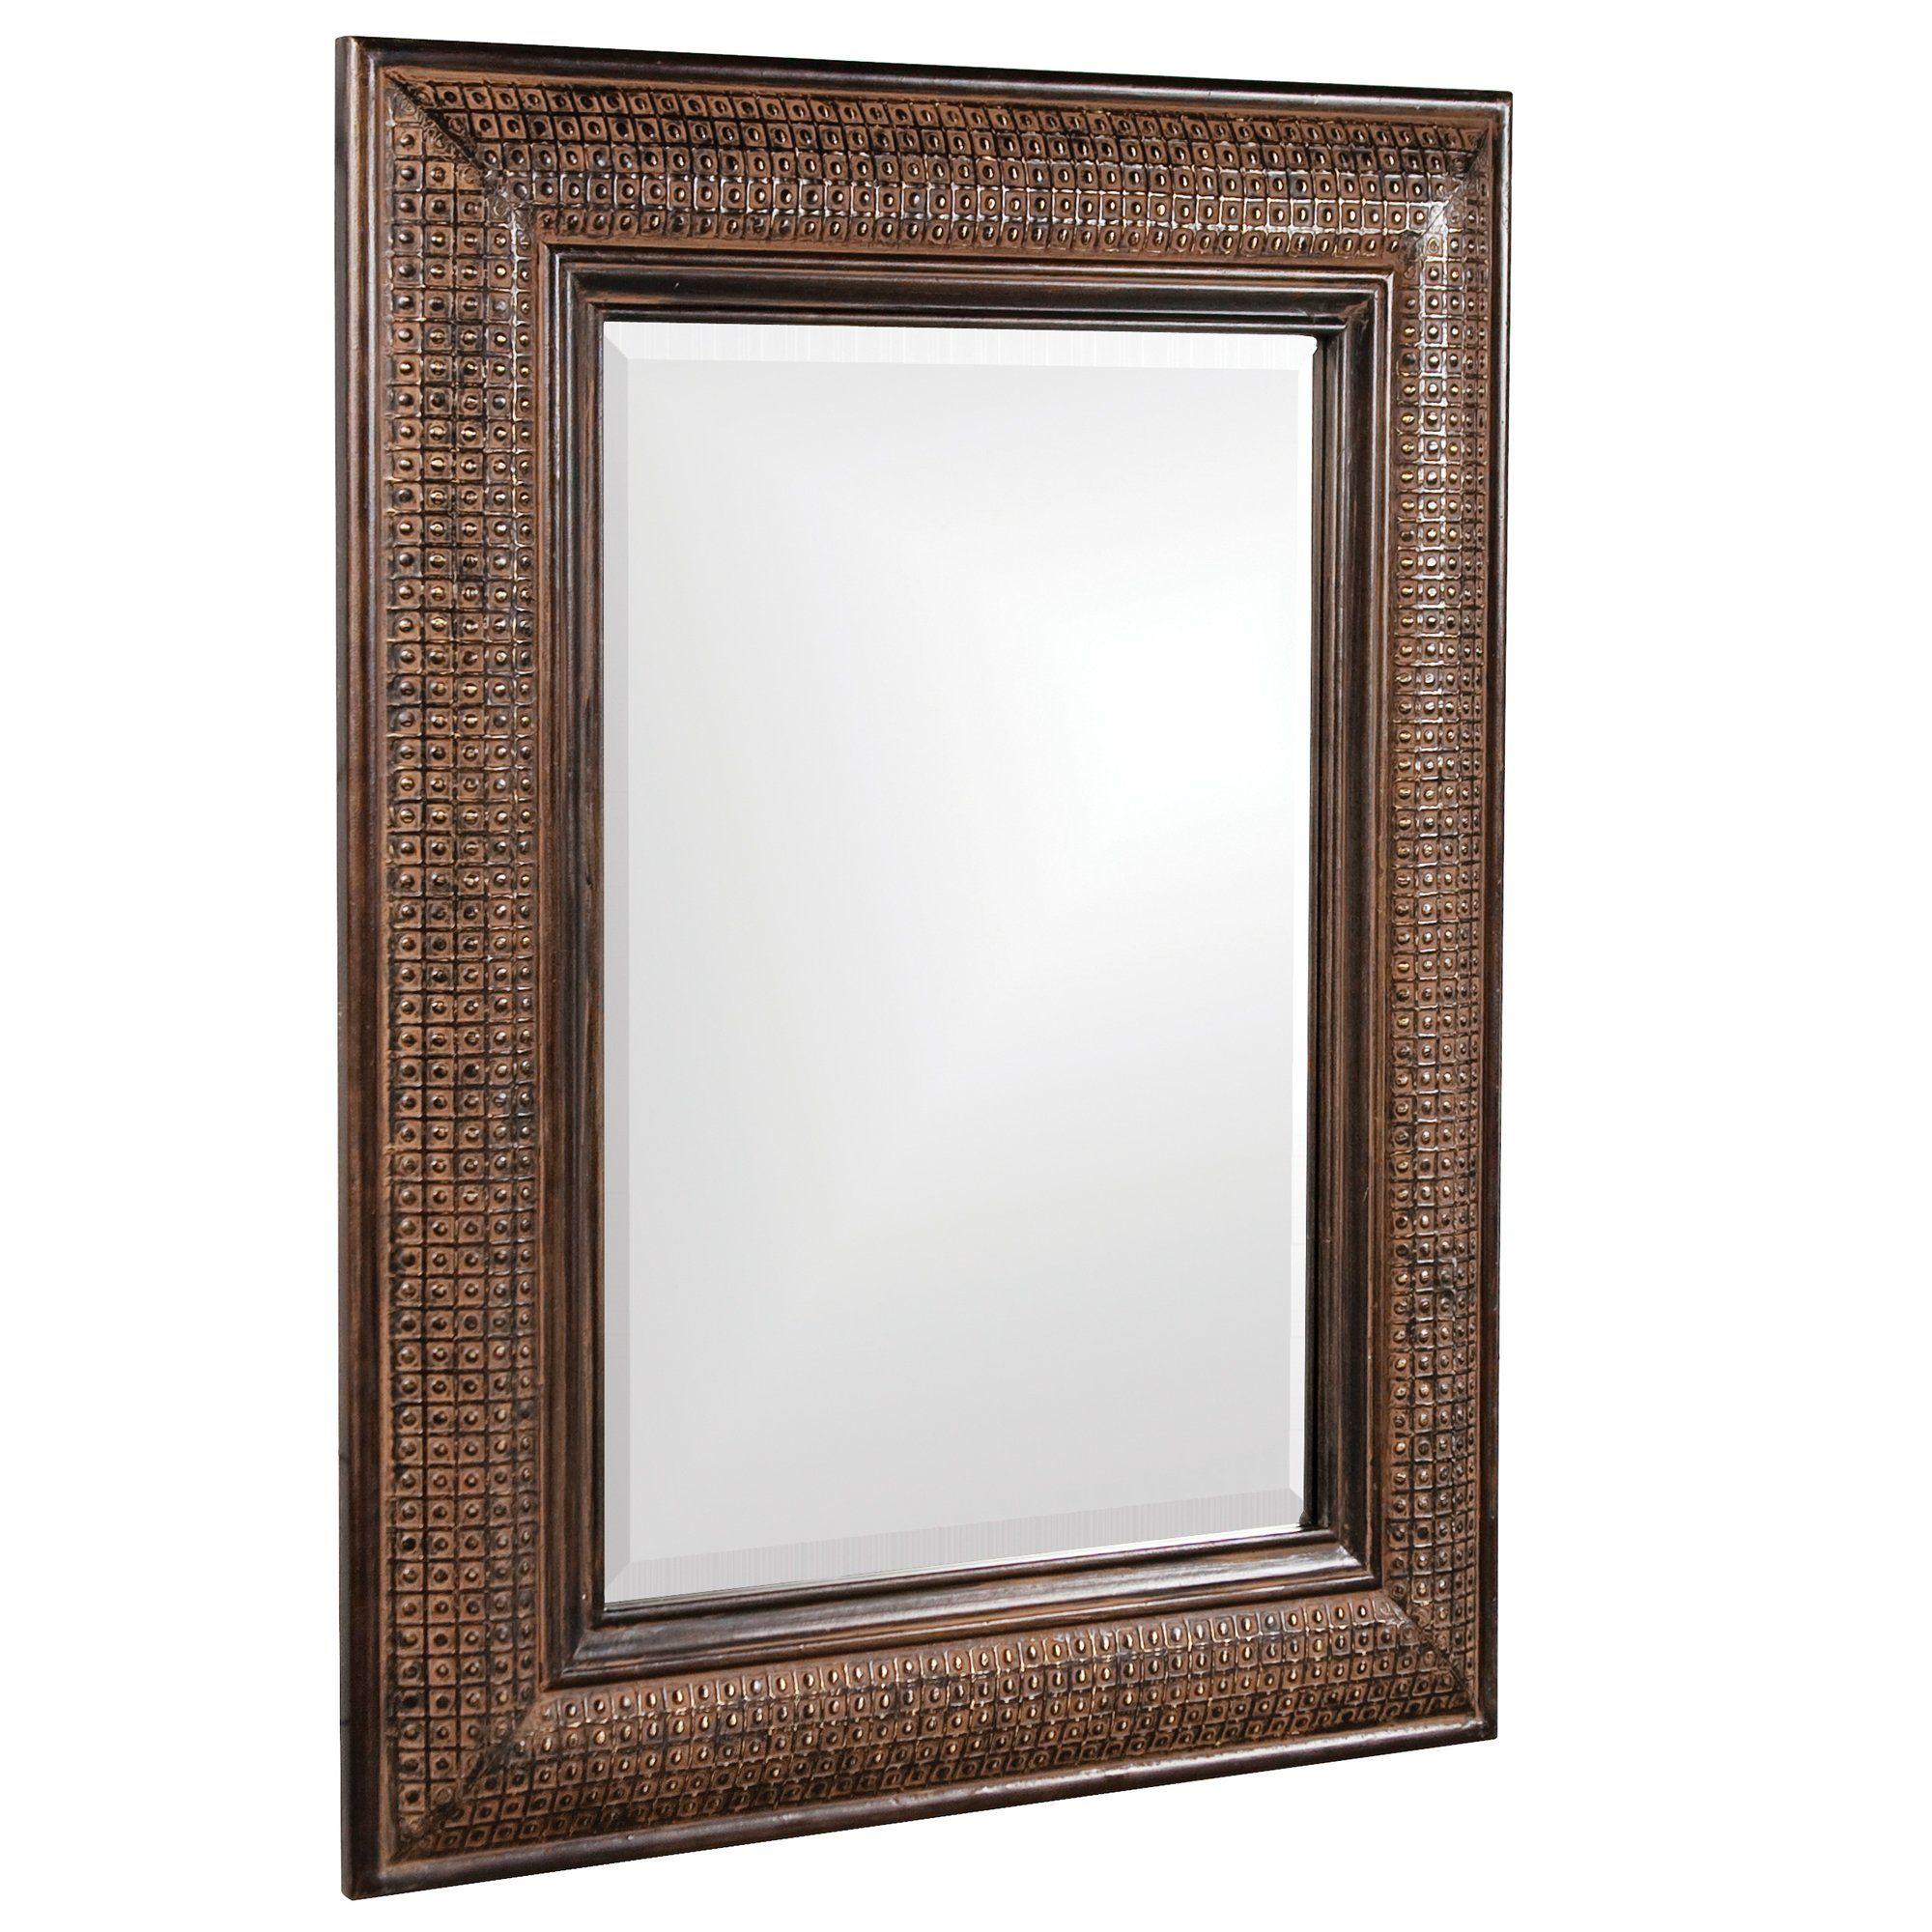 Howard Elliott 37045 Grant Rectangular Mirror Wood Frame Covered By